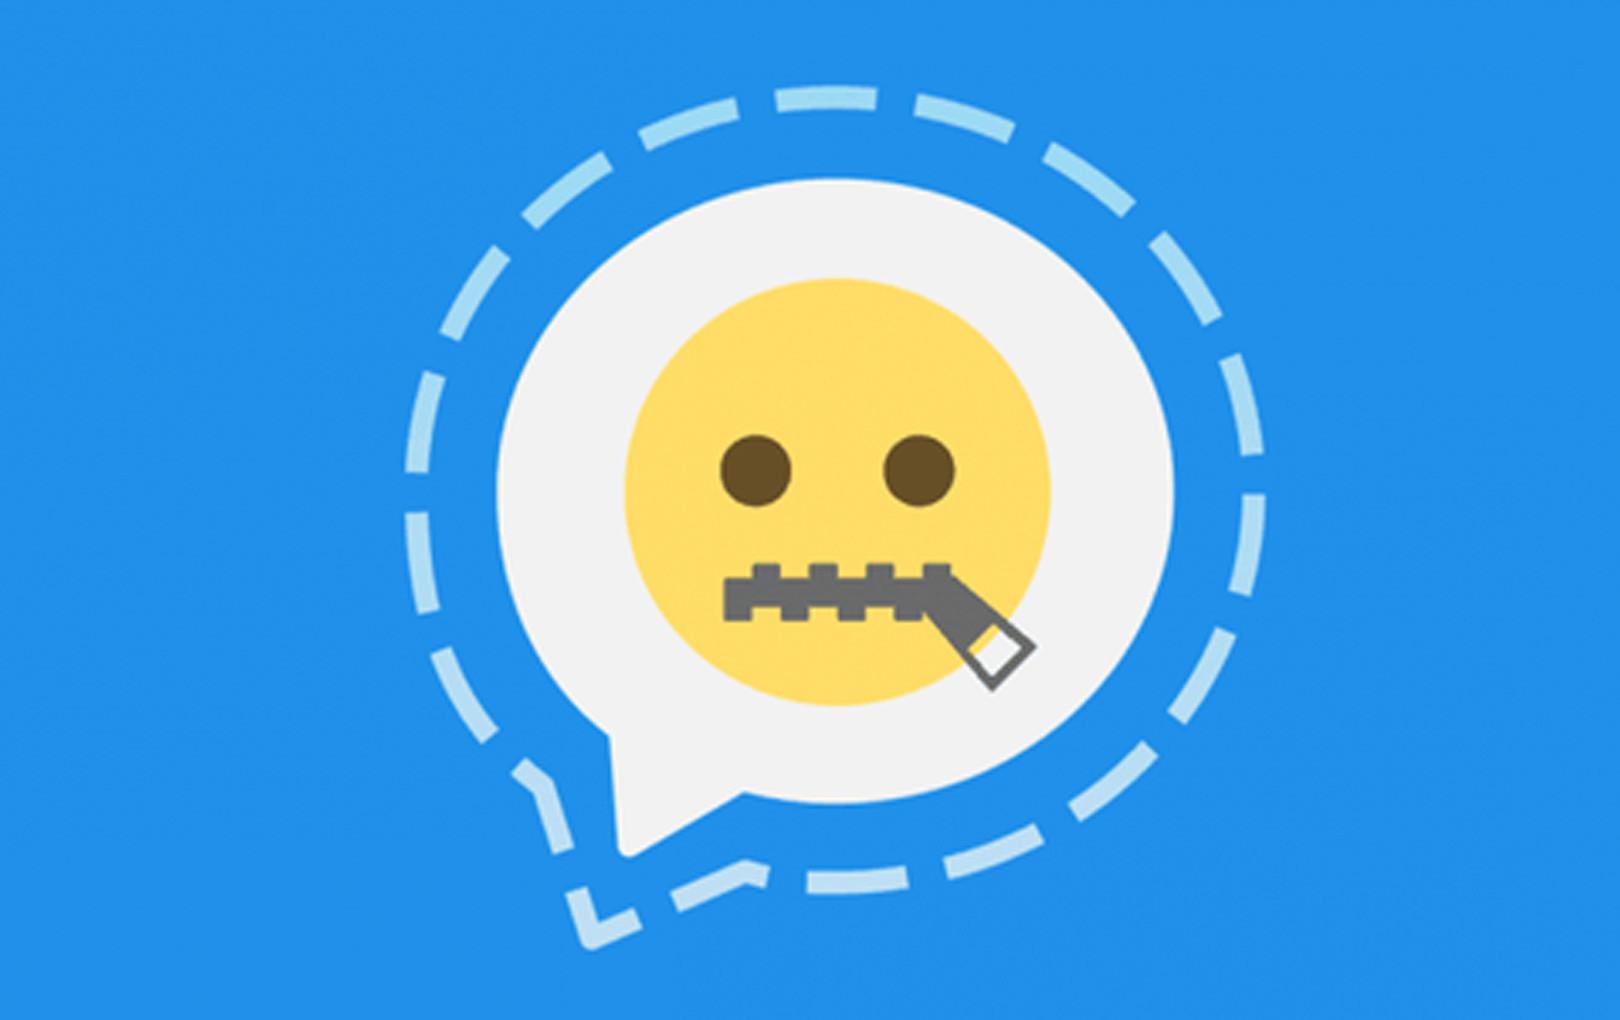 Facebook, Messenger và Instagram đồng loạt lỗi trên toàn cầu, mất kết nối và không gửi được ảnh